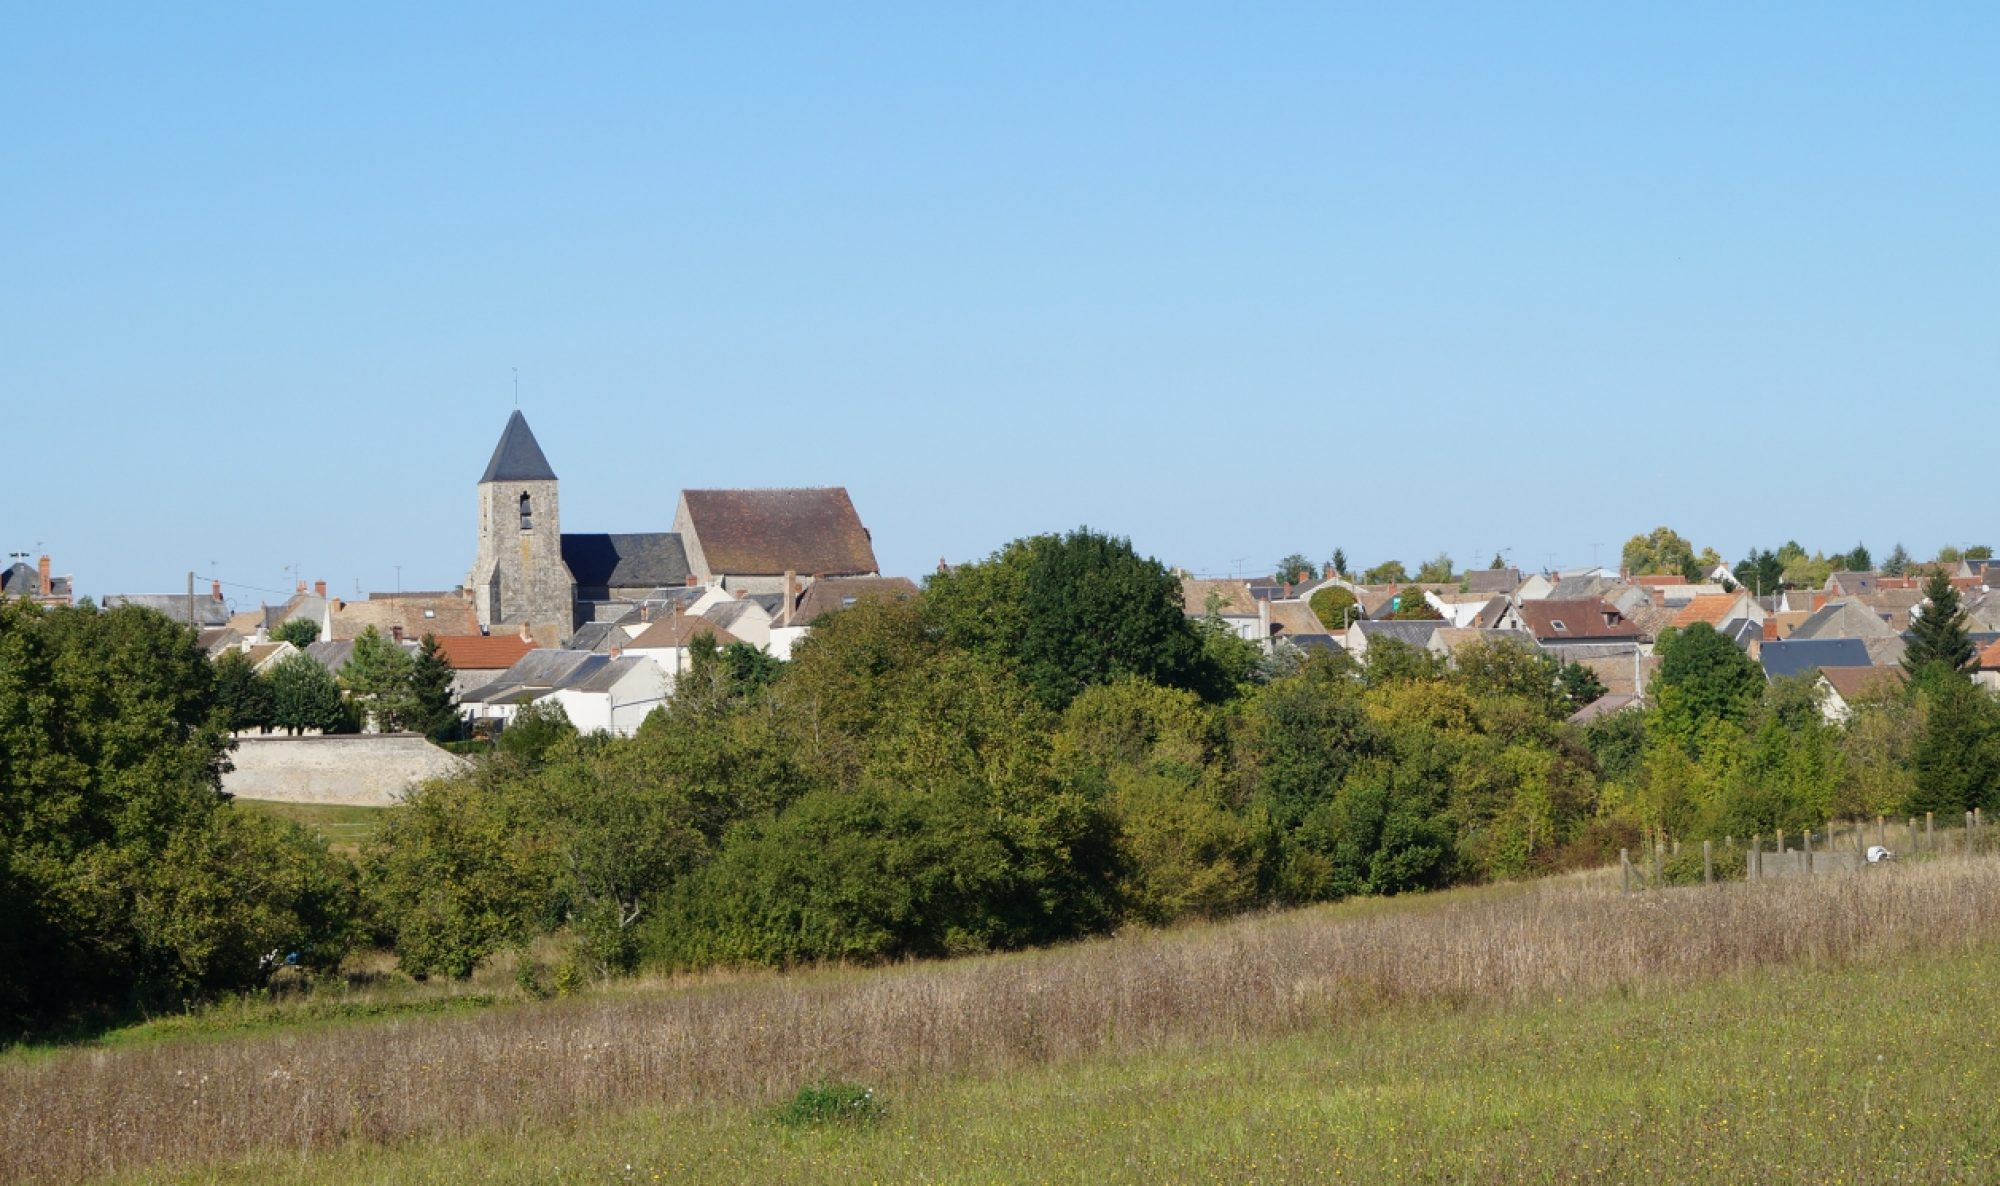 La Mairie d'Autruy sur Juine